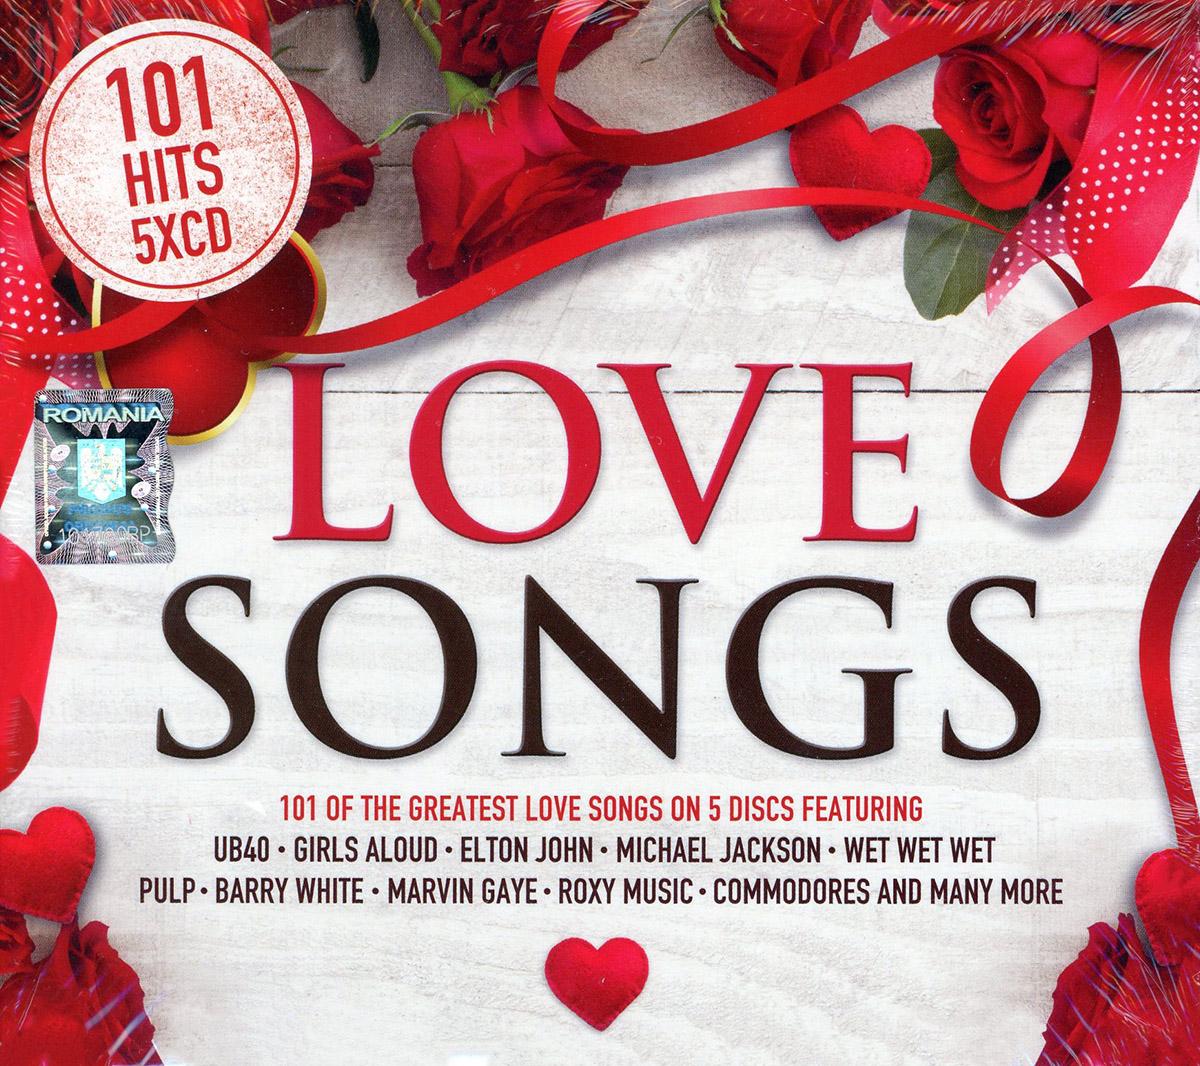 Love Songs - 101 Hits